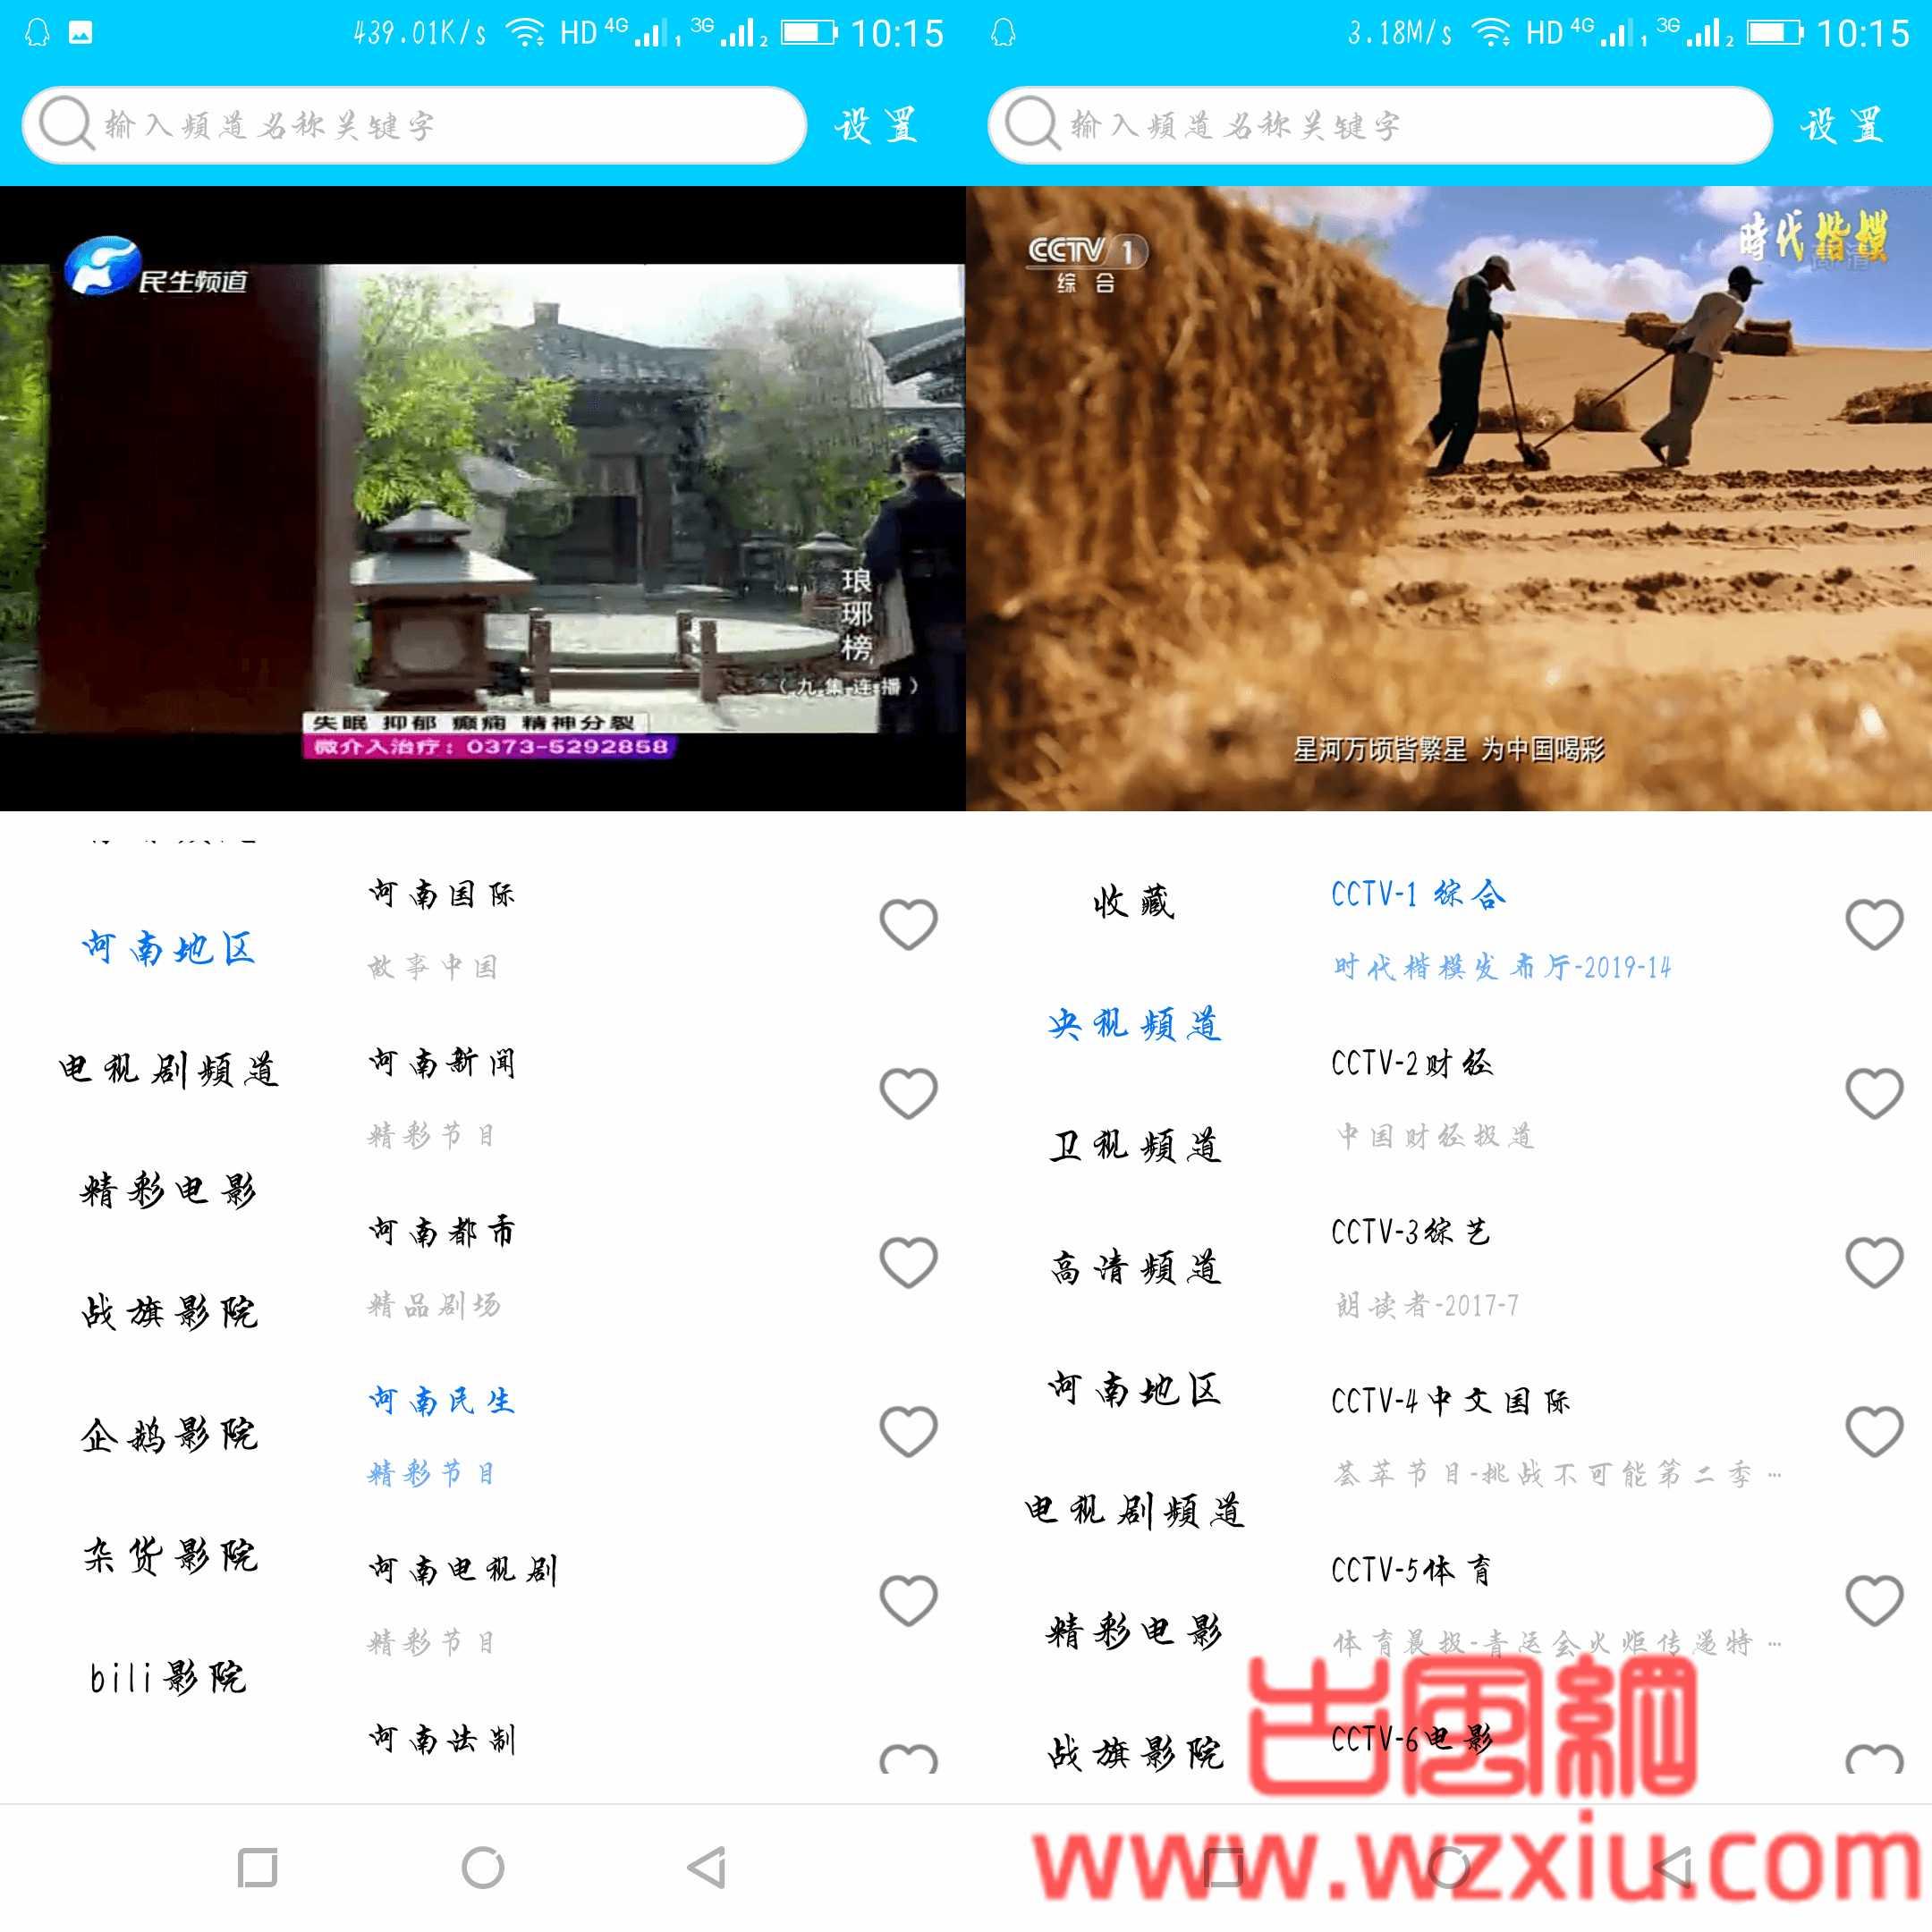 彩云院线v2.1.1锋彩直播手机版v1.0.04电视直播软件